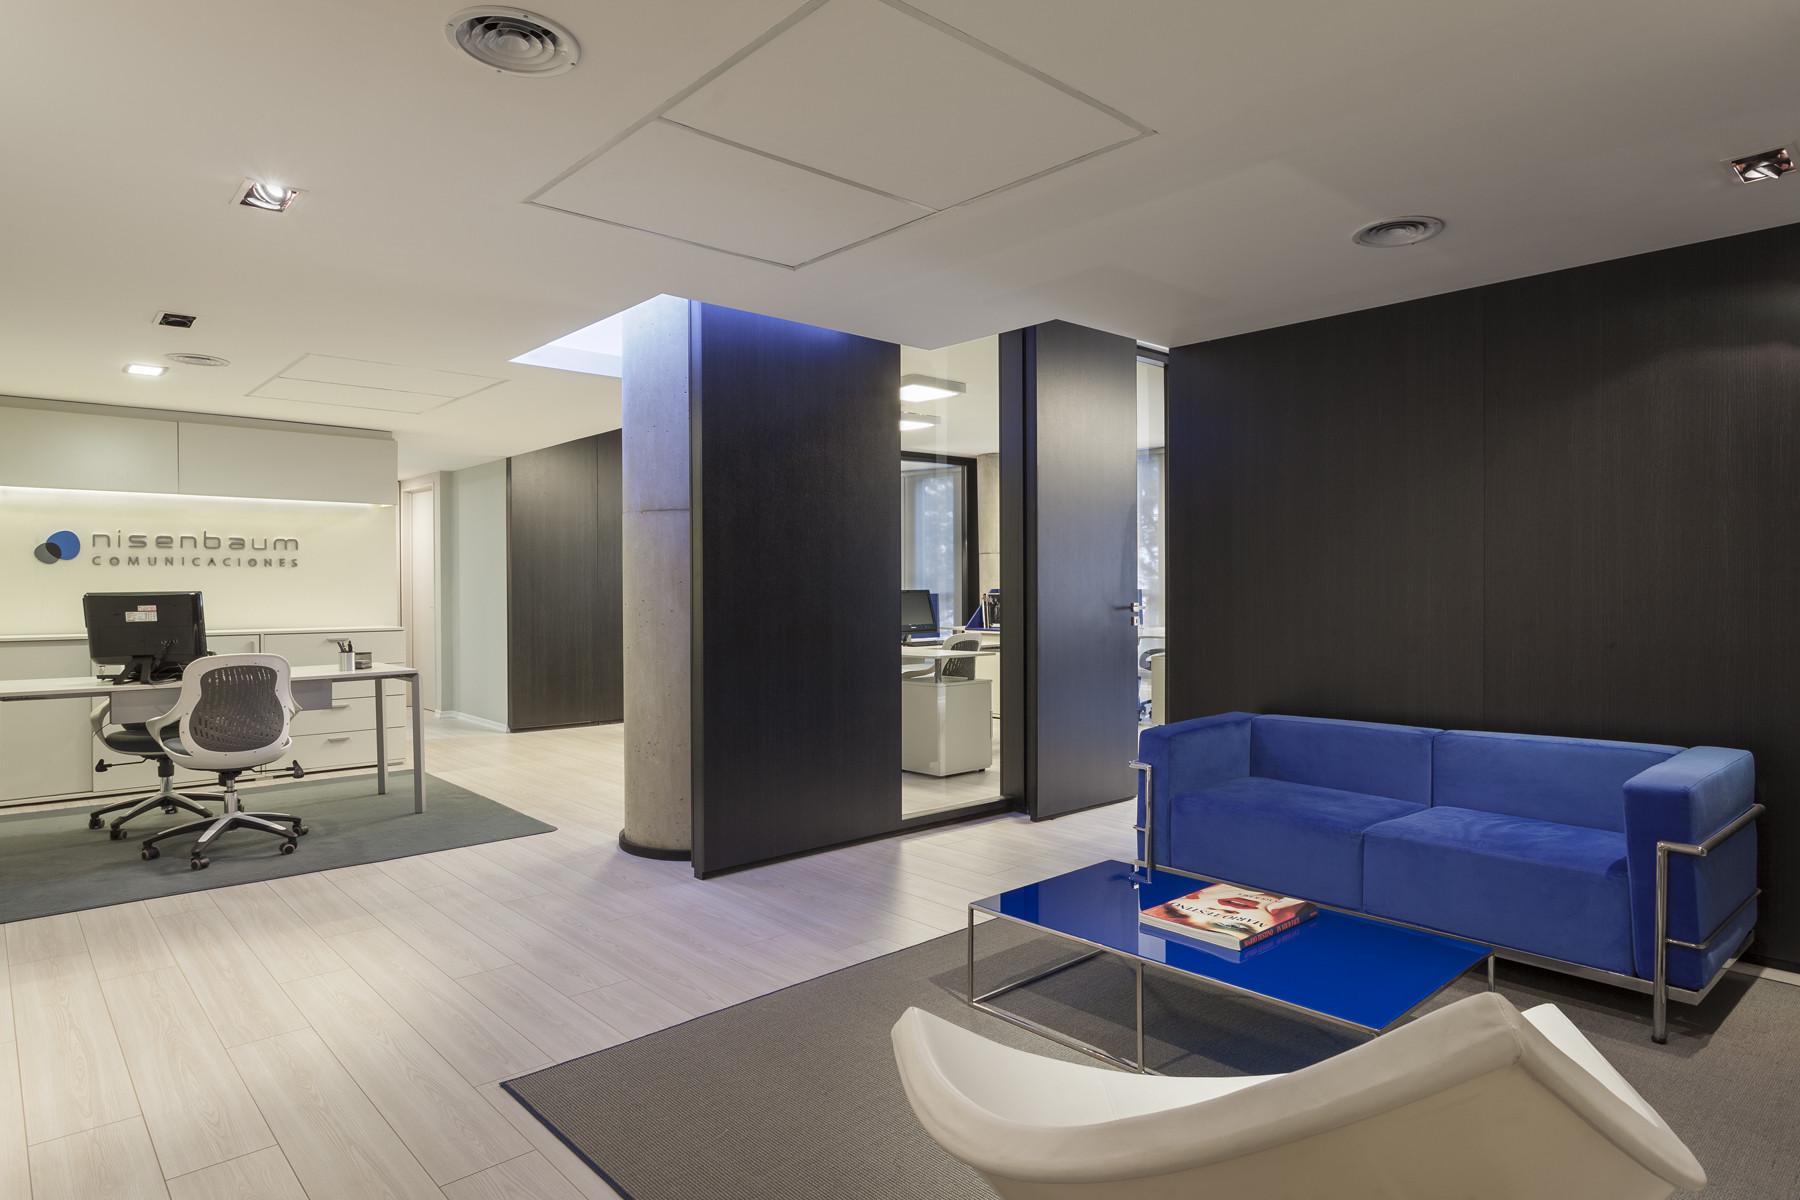 Oficinas Nisenbaum Comunicaciones / vEstudio